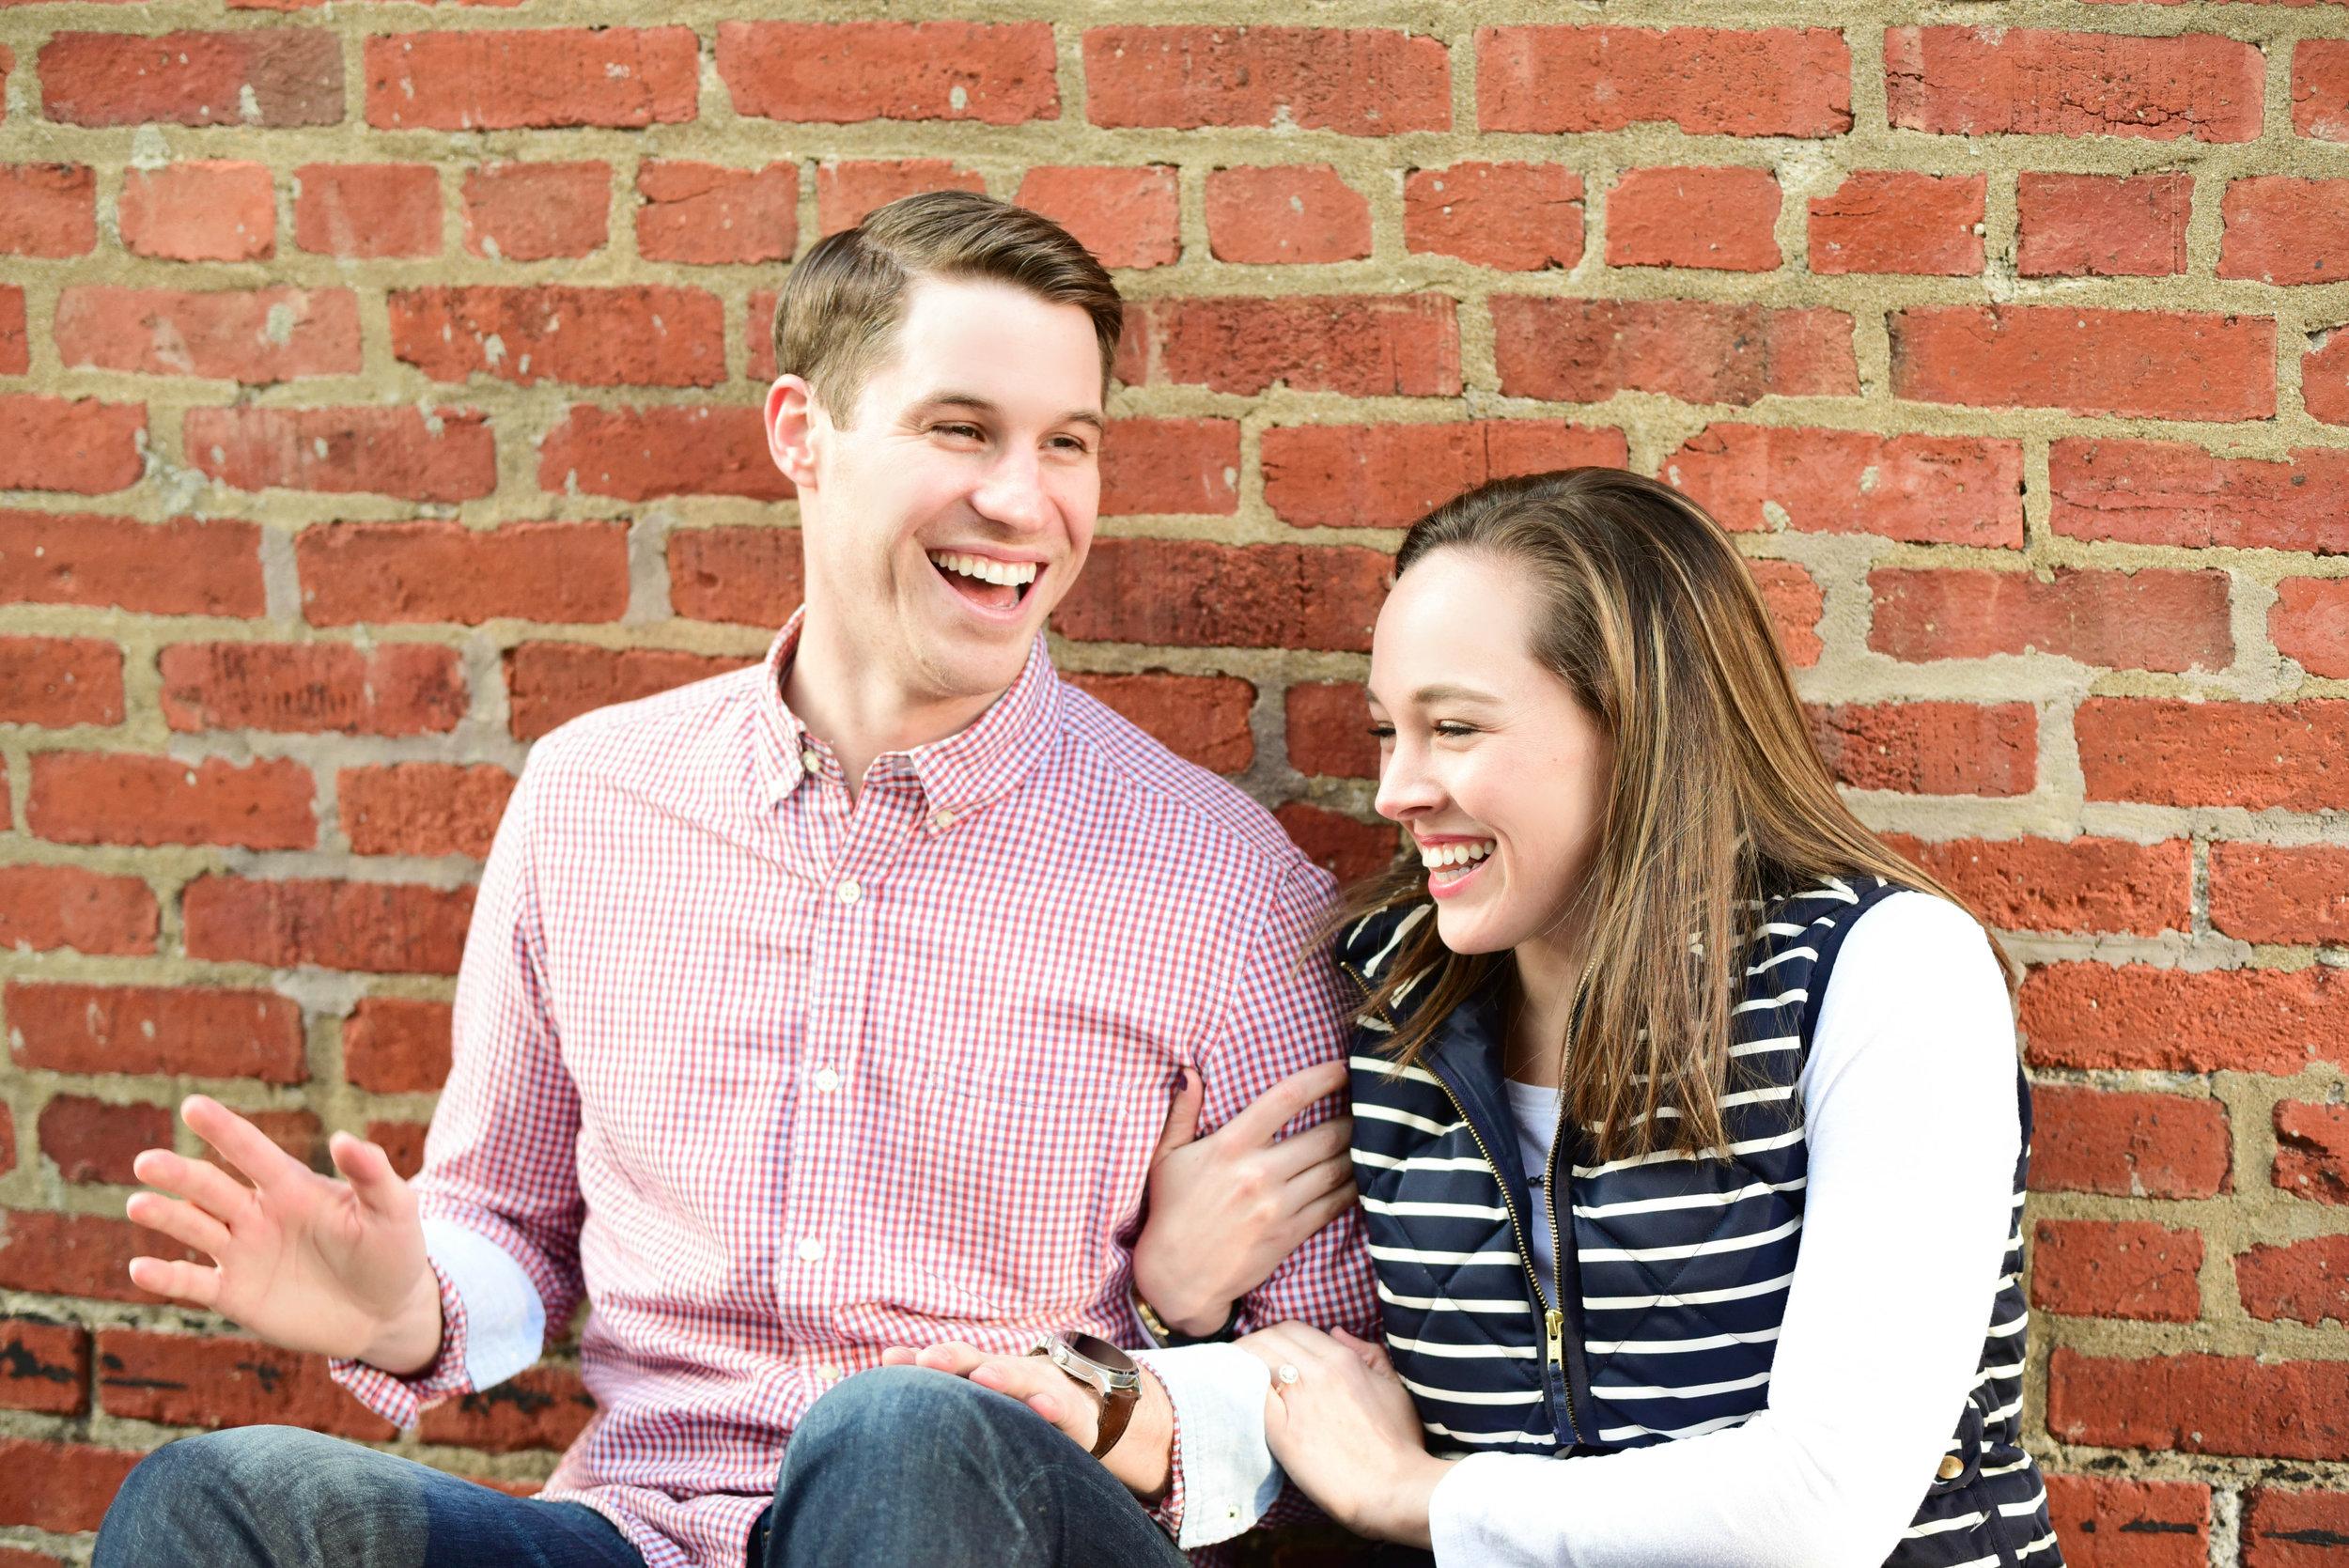 Jon Erin Engagement 04.jpg